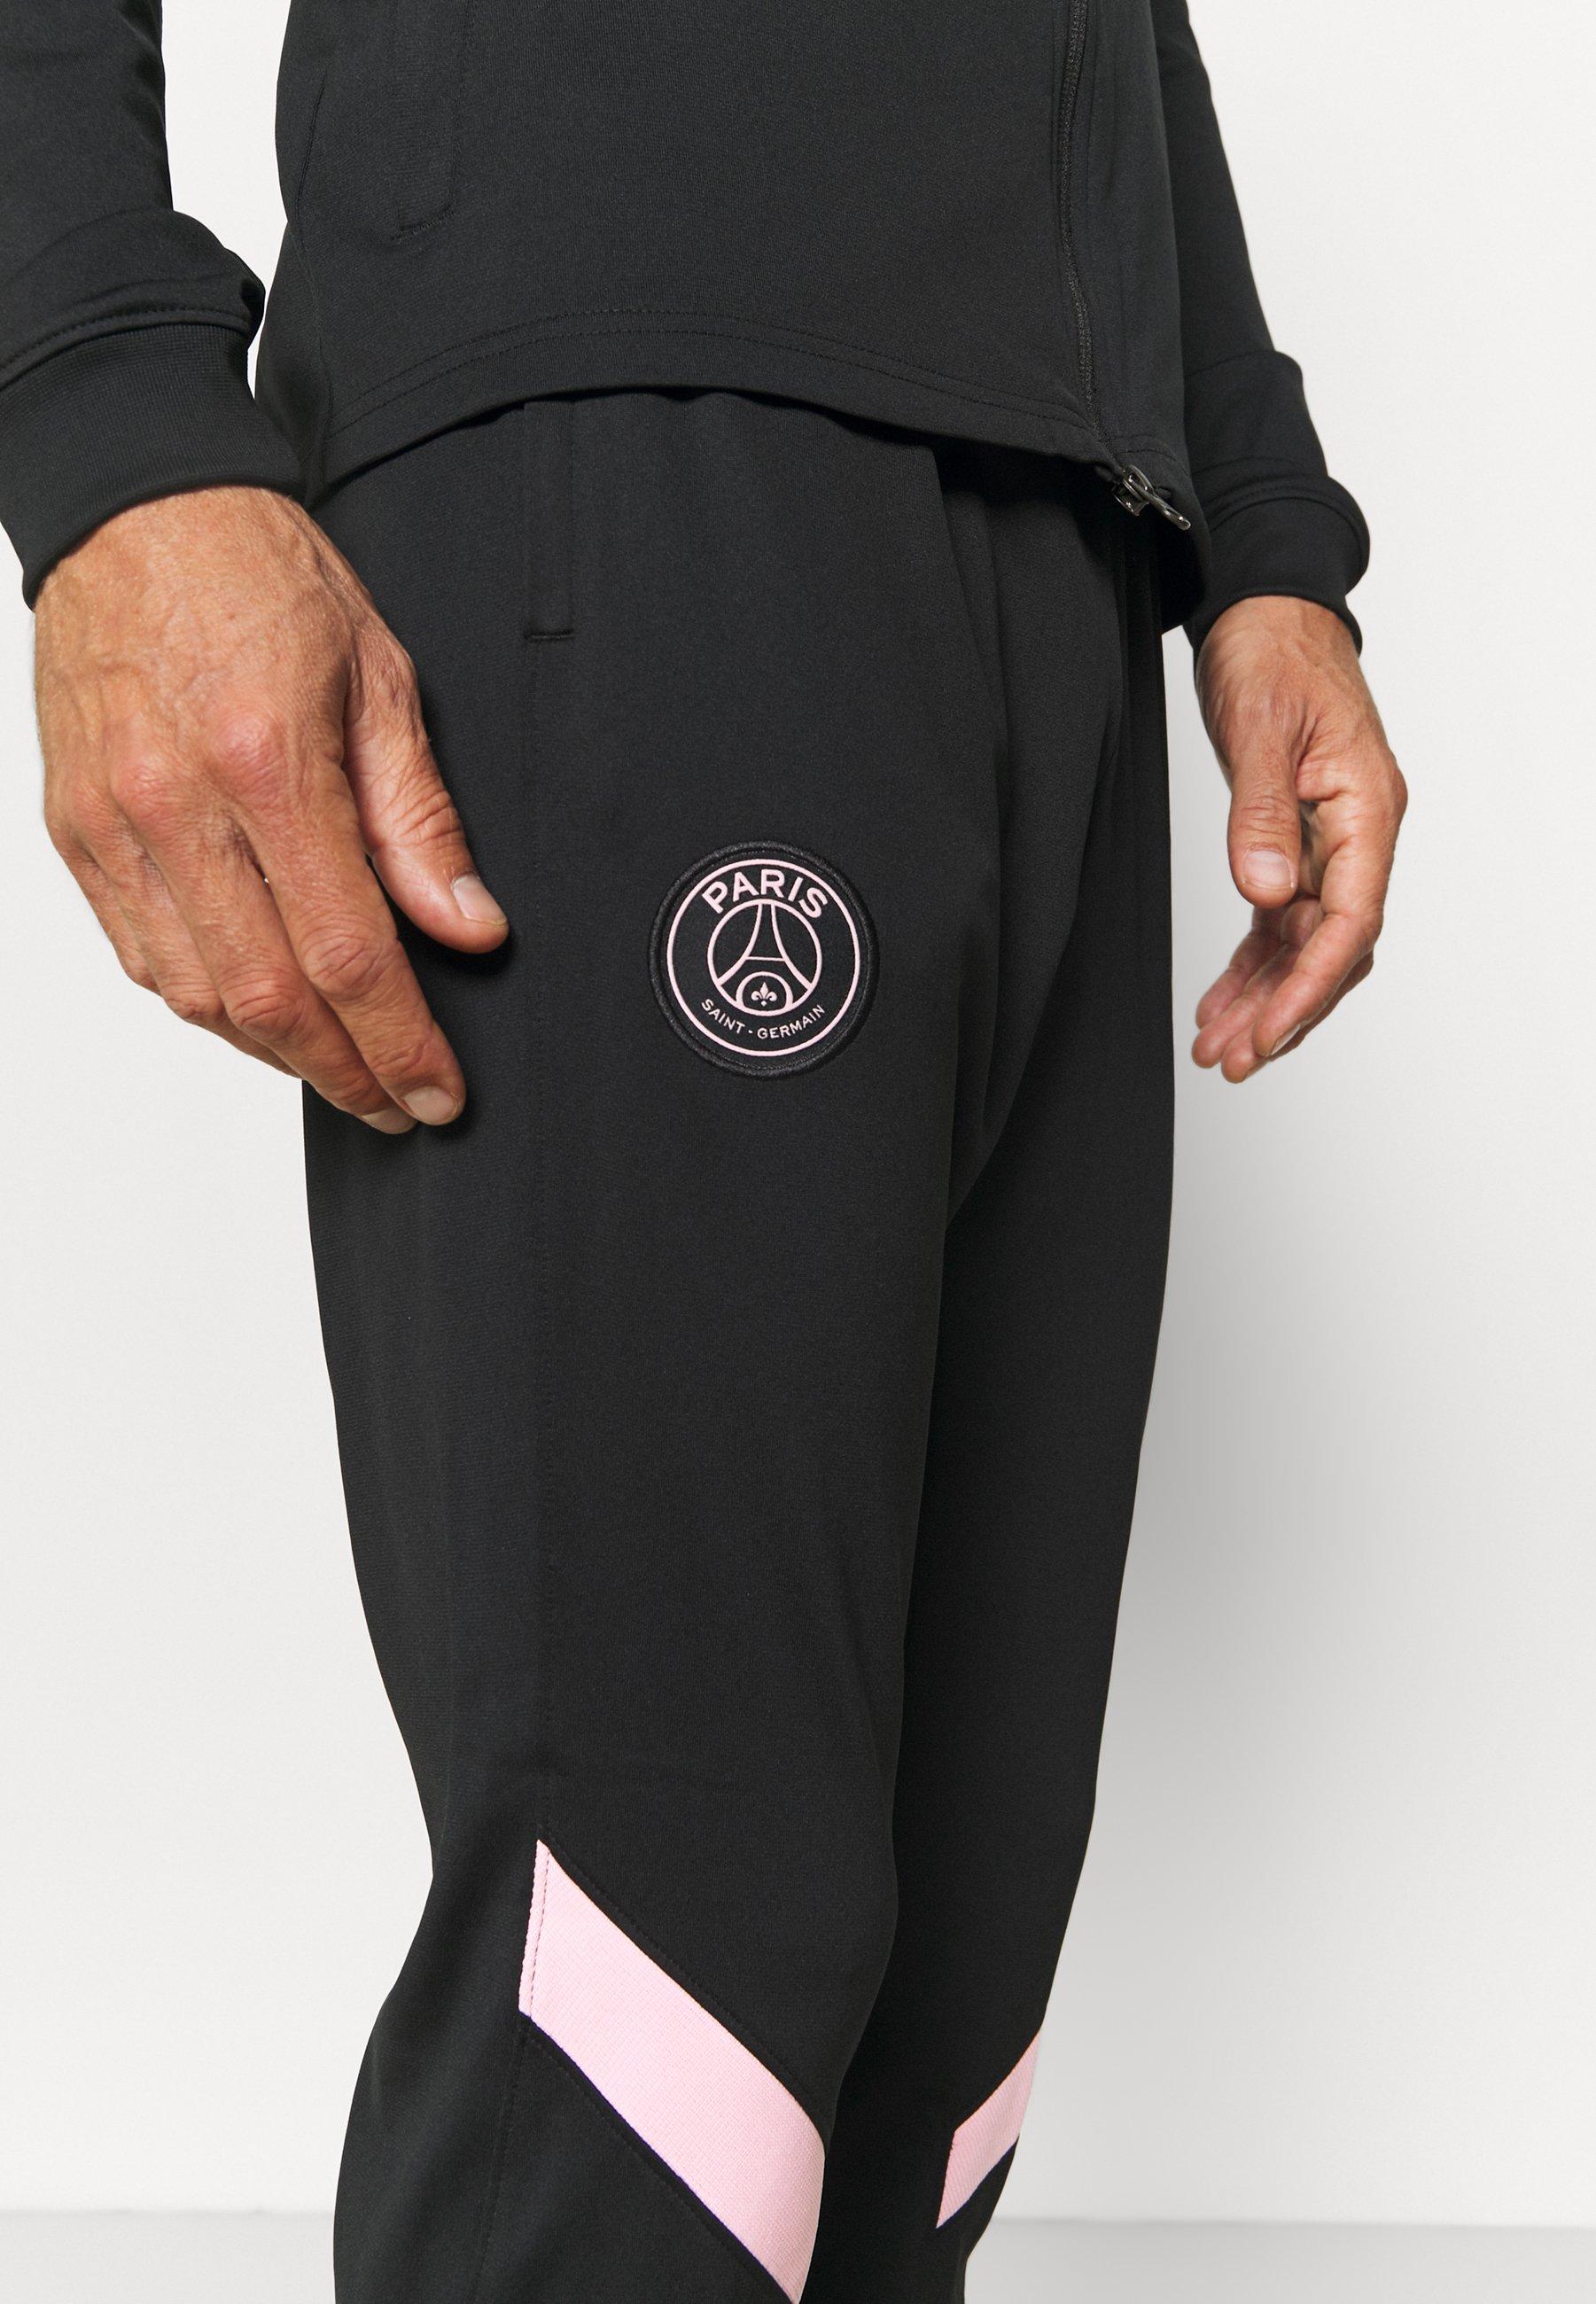 Men PARIS ST. GERMAIN - Club wear